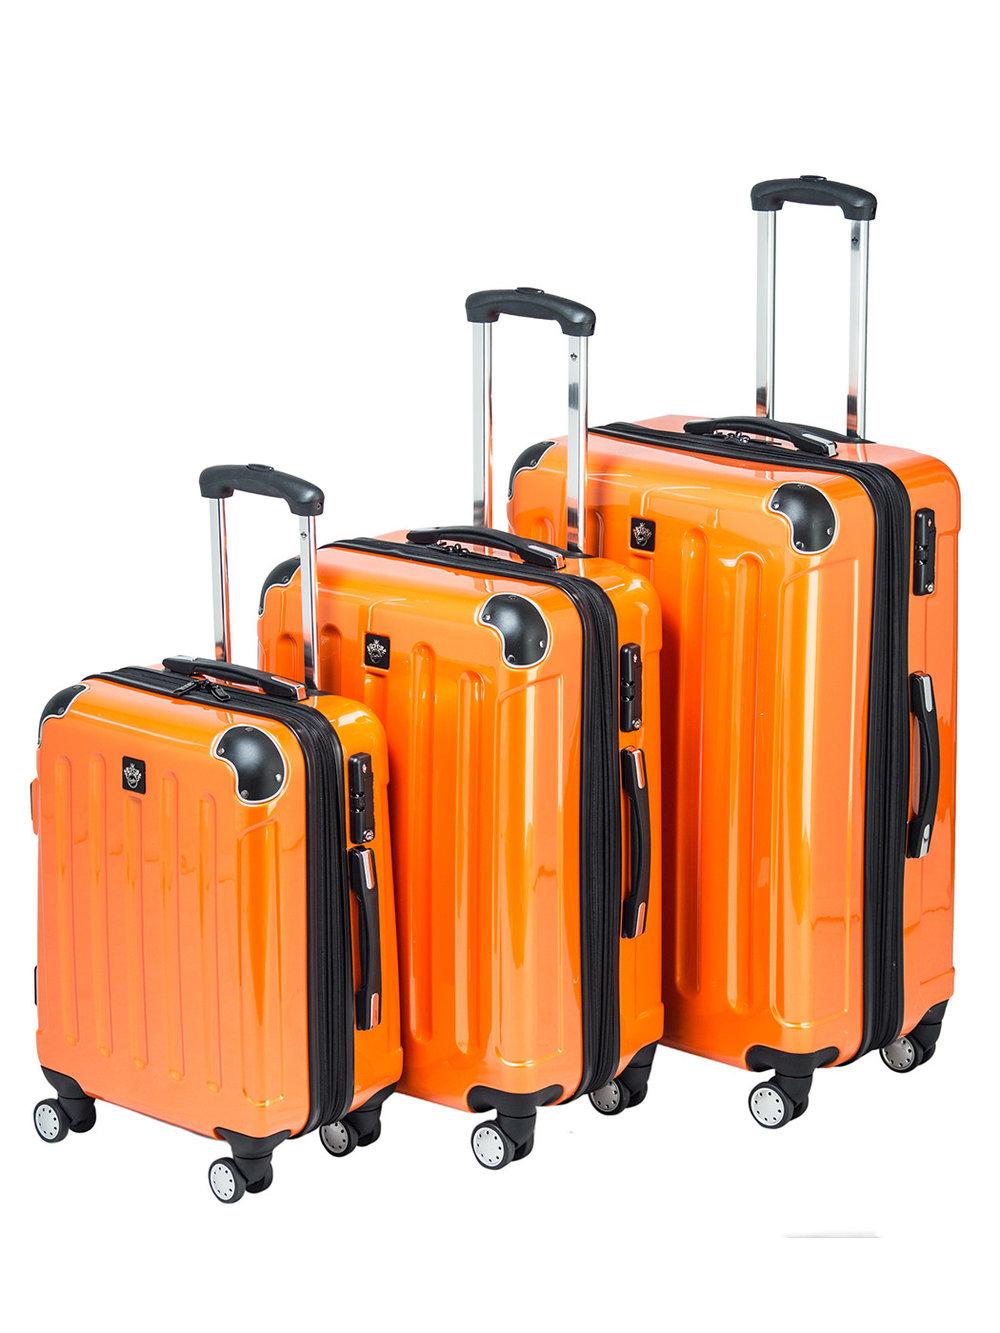 Cab-Köpenhamn-Orange-set.jpg